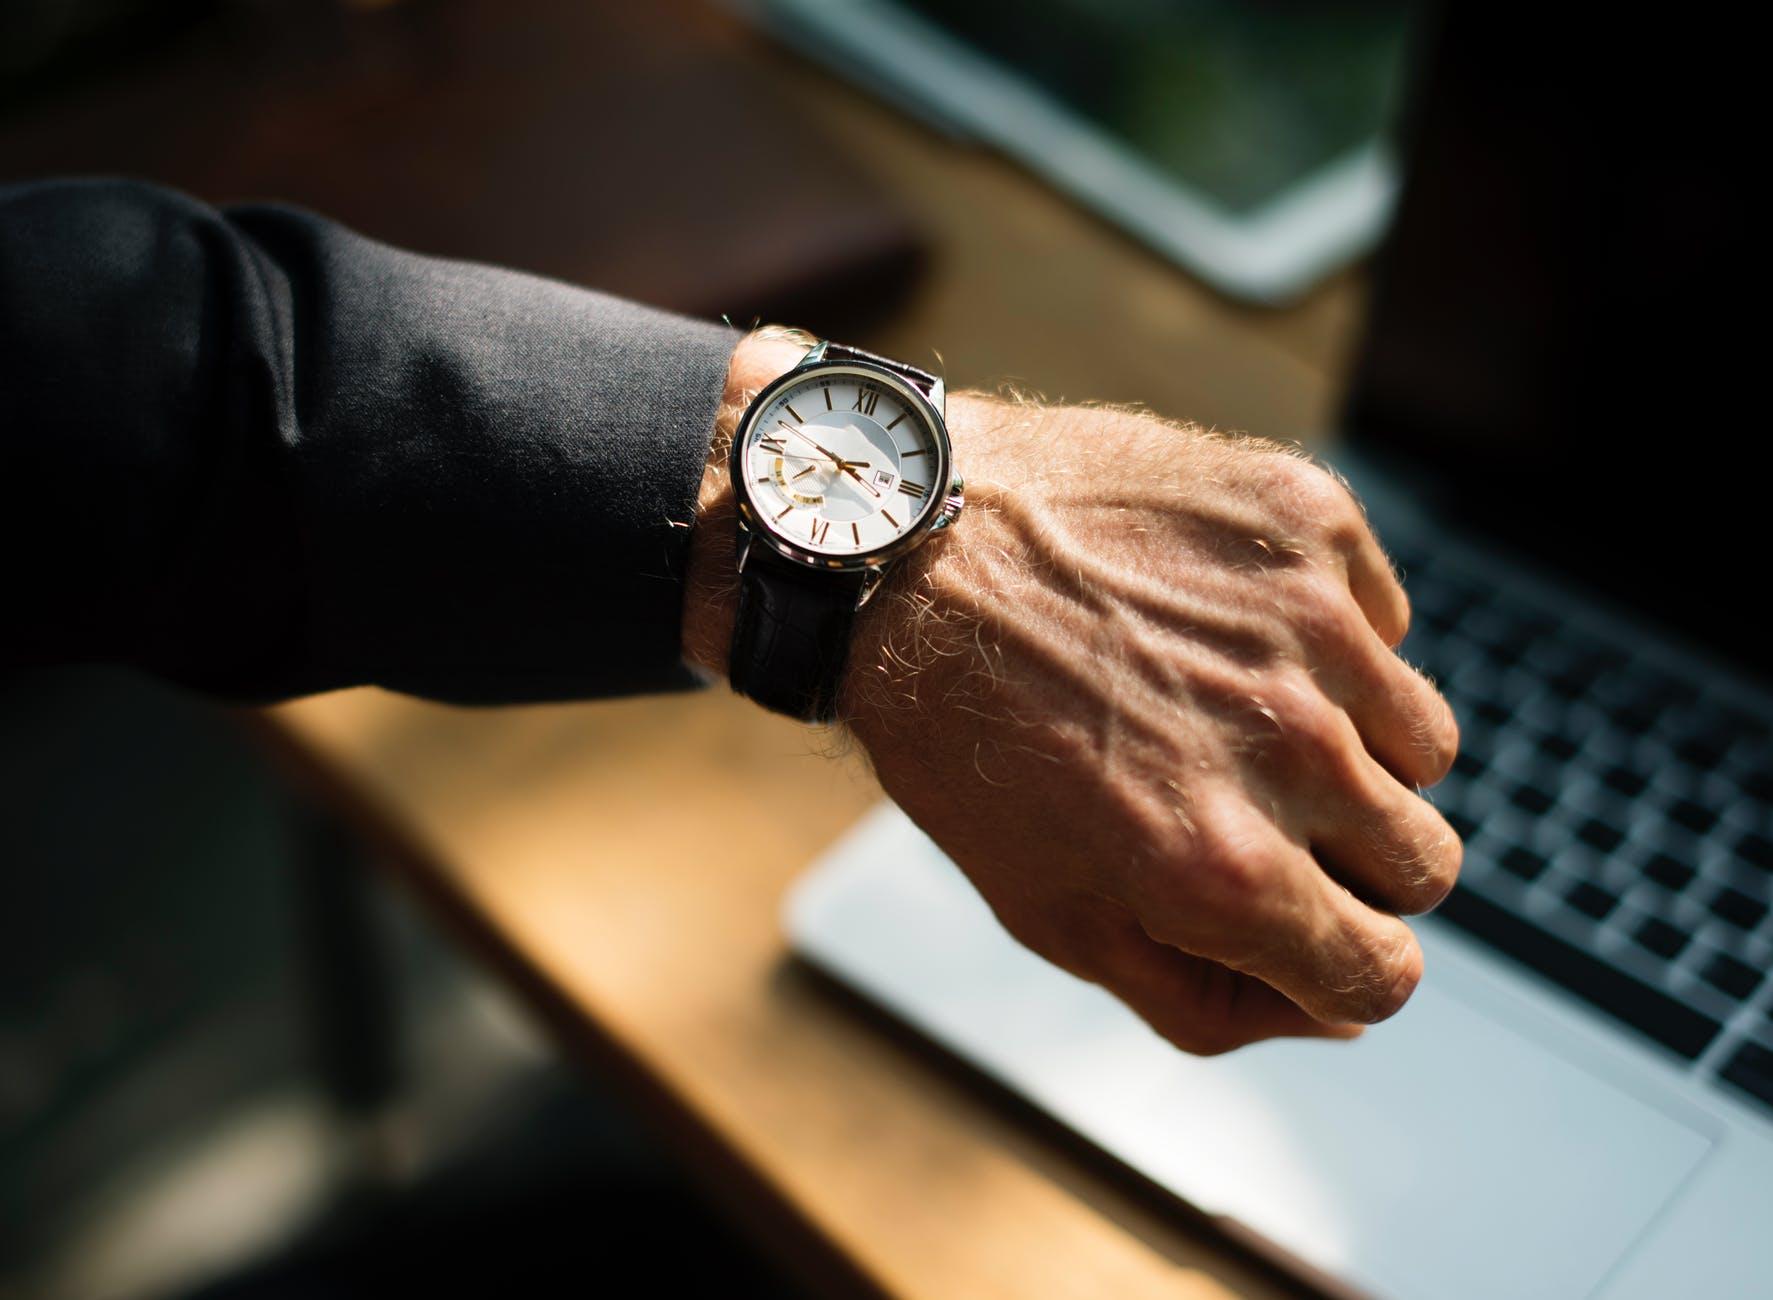 Revive watch using nail polish remove